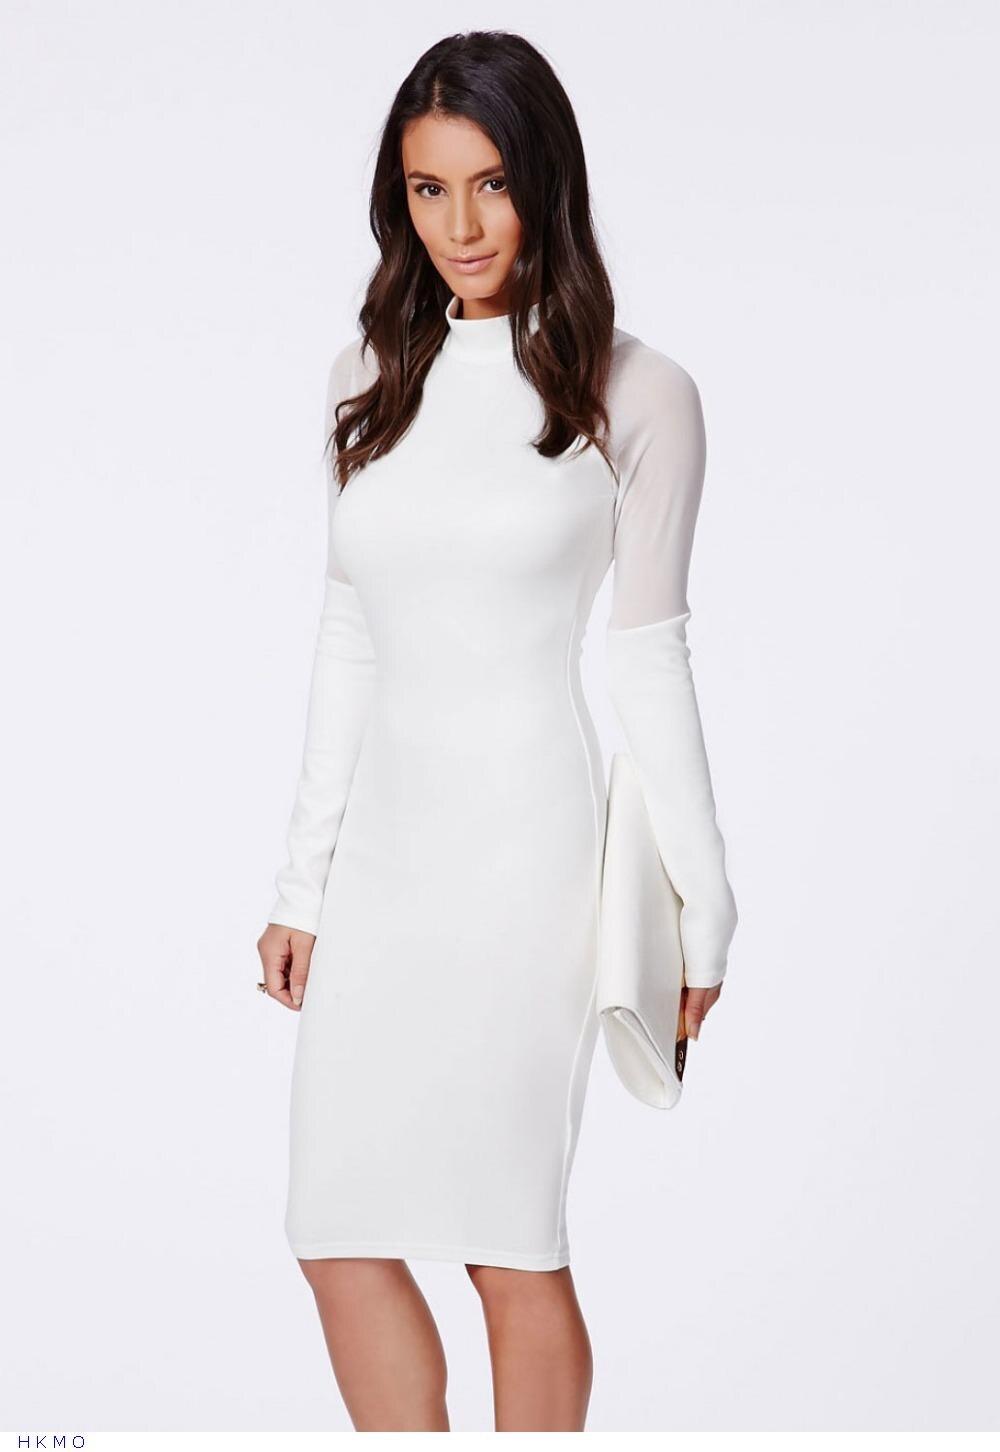 Vestido blanco de oficina